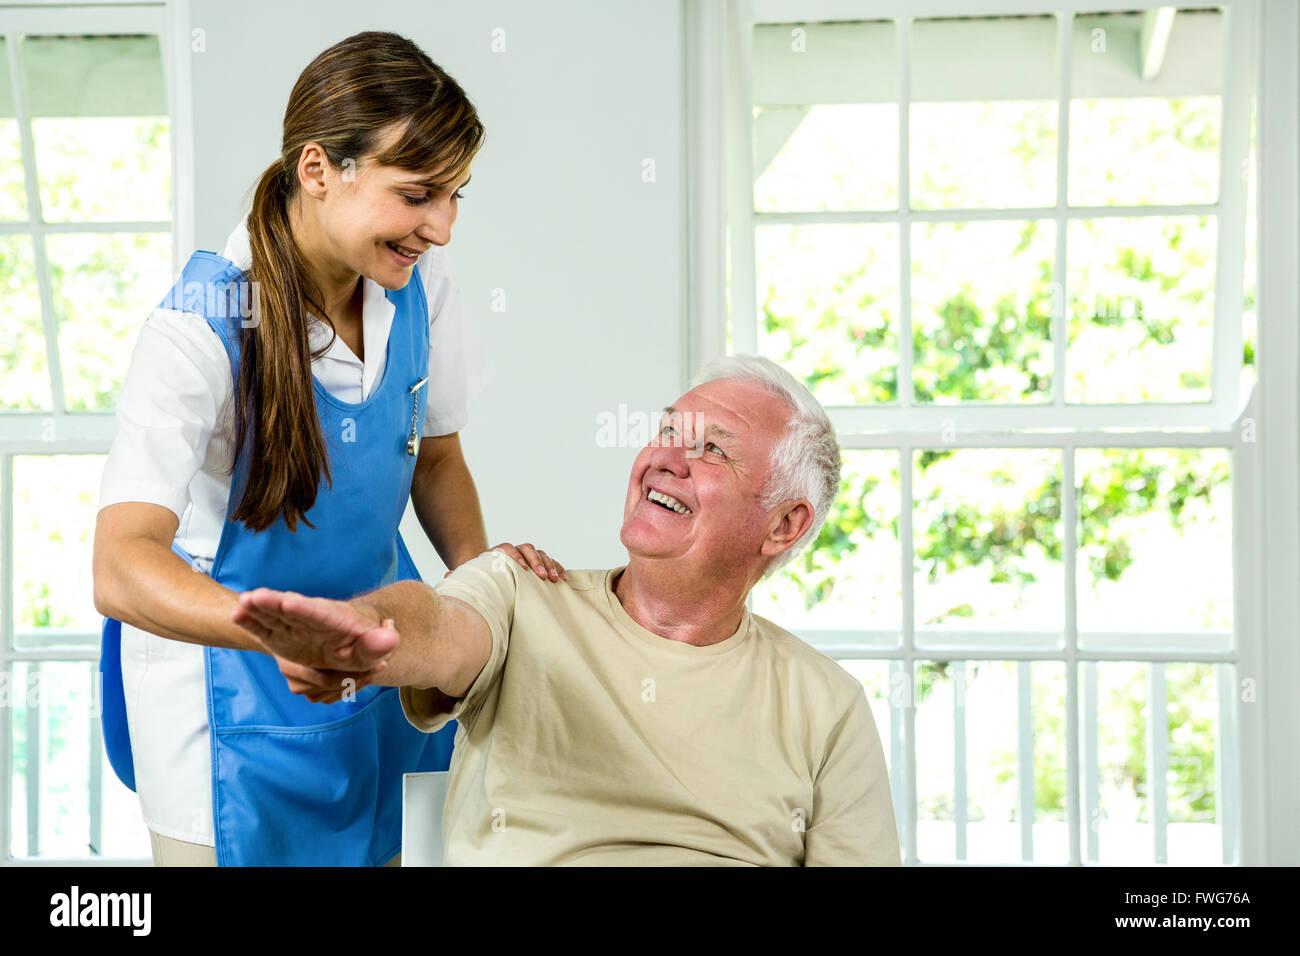 Sonriente enfermera auxiliar hombre envejecido Imagen De Stock